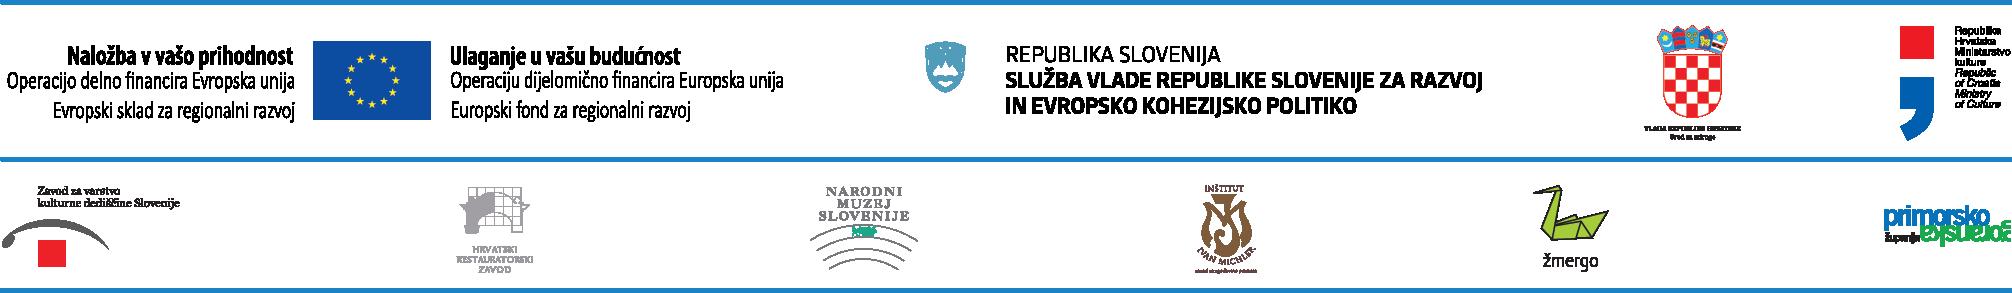 Logotipi spodaj_dopis